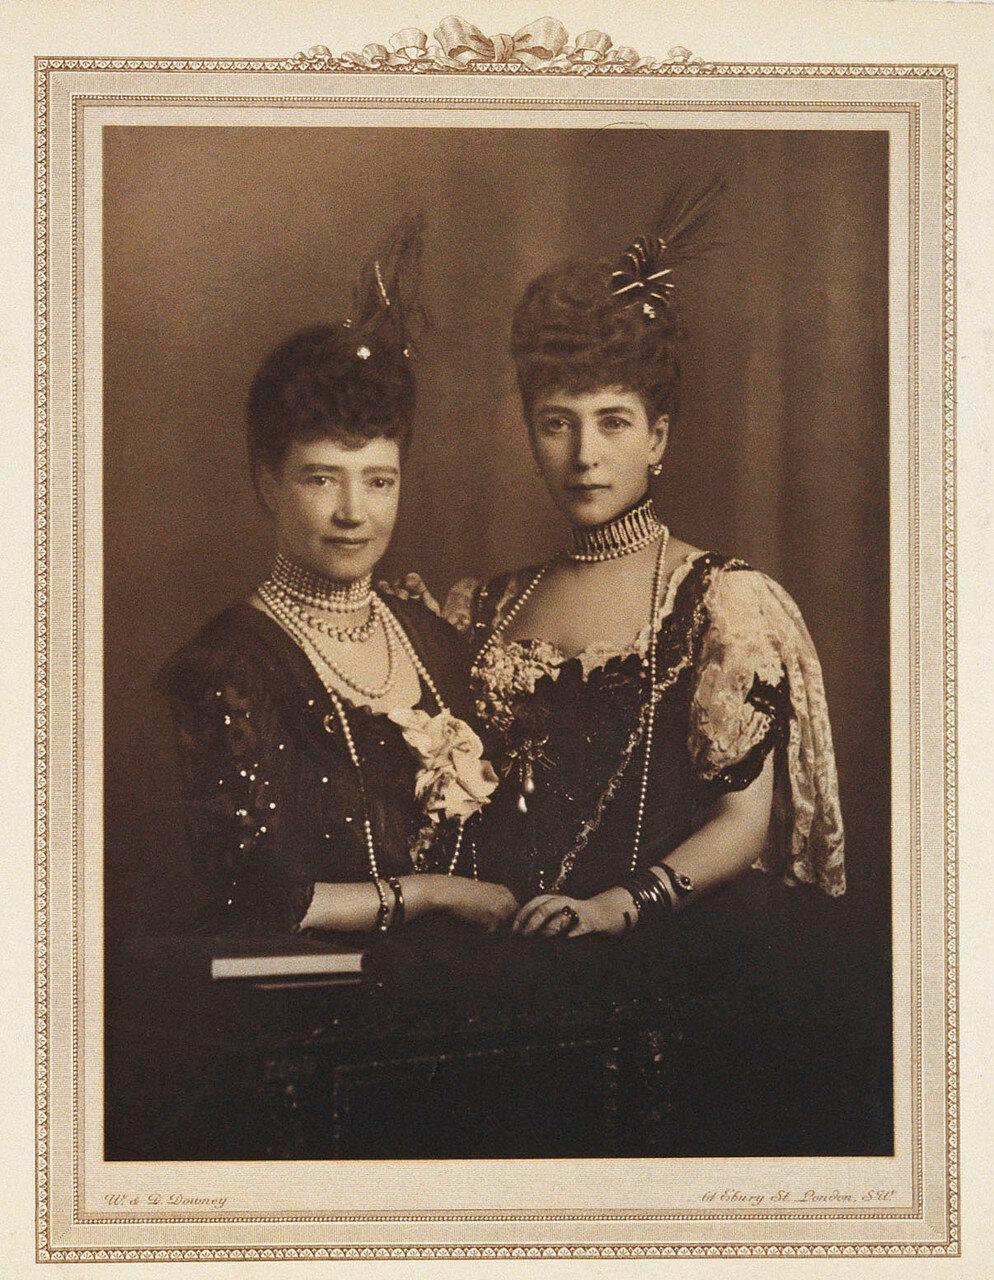 1910. Вдовствующая императрица Мария Федоровна и королева Александра